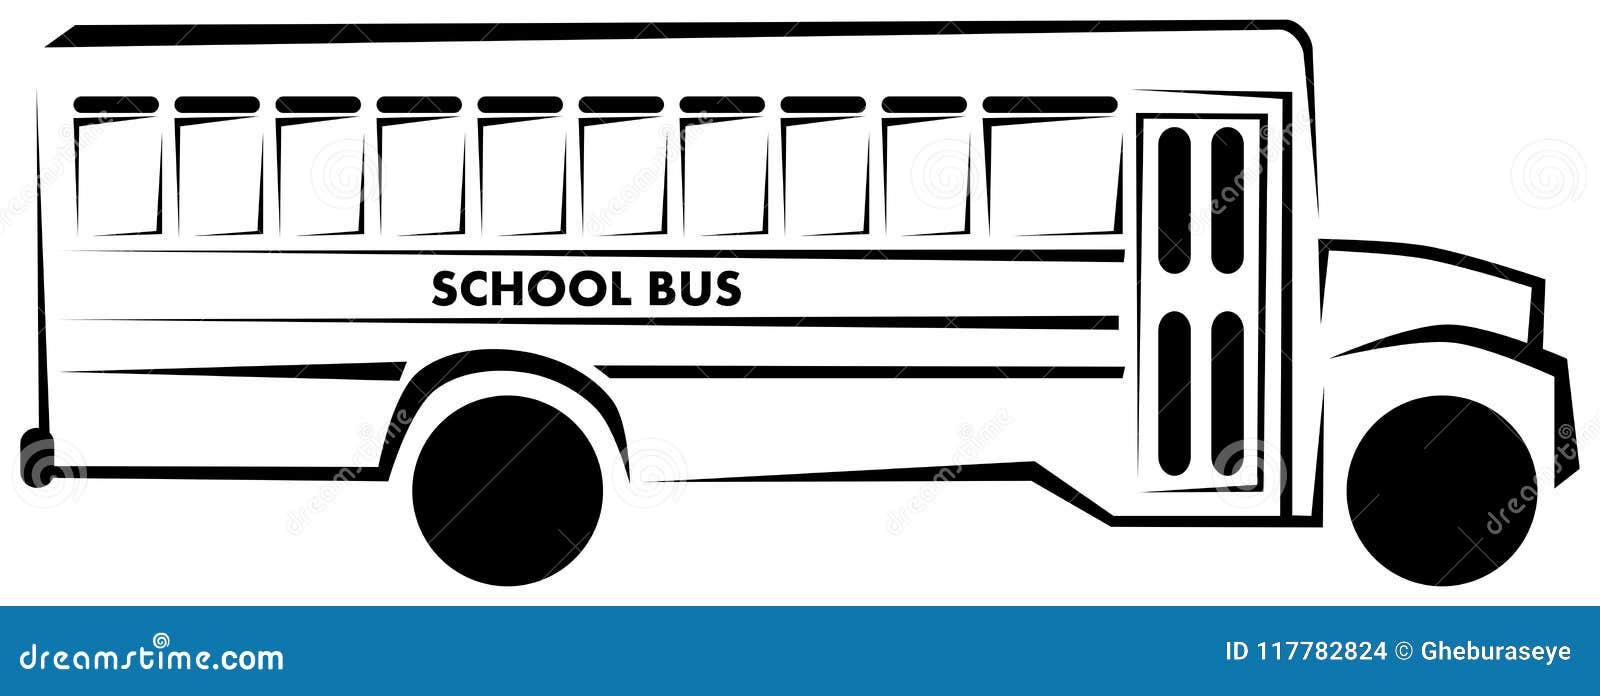 在黑白的风格化校车被隔绝的